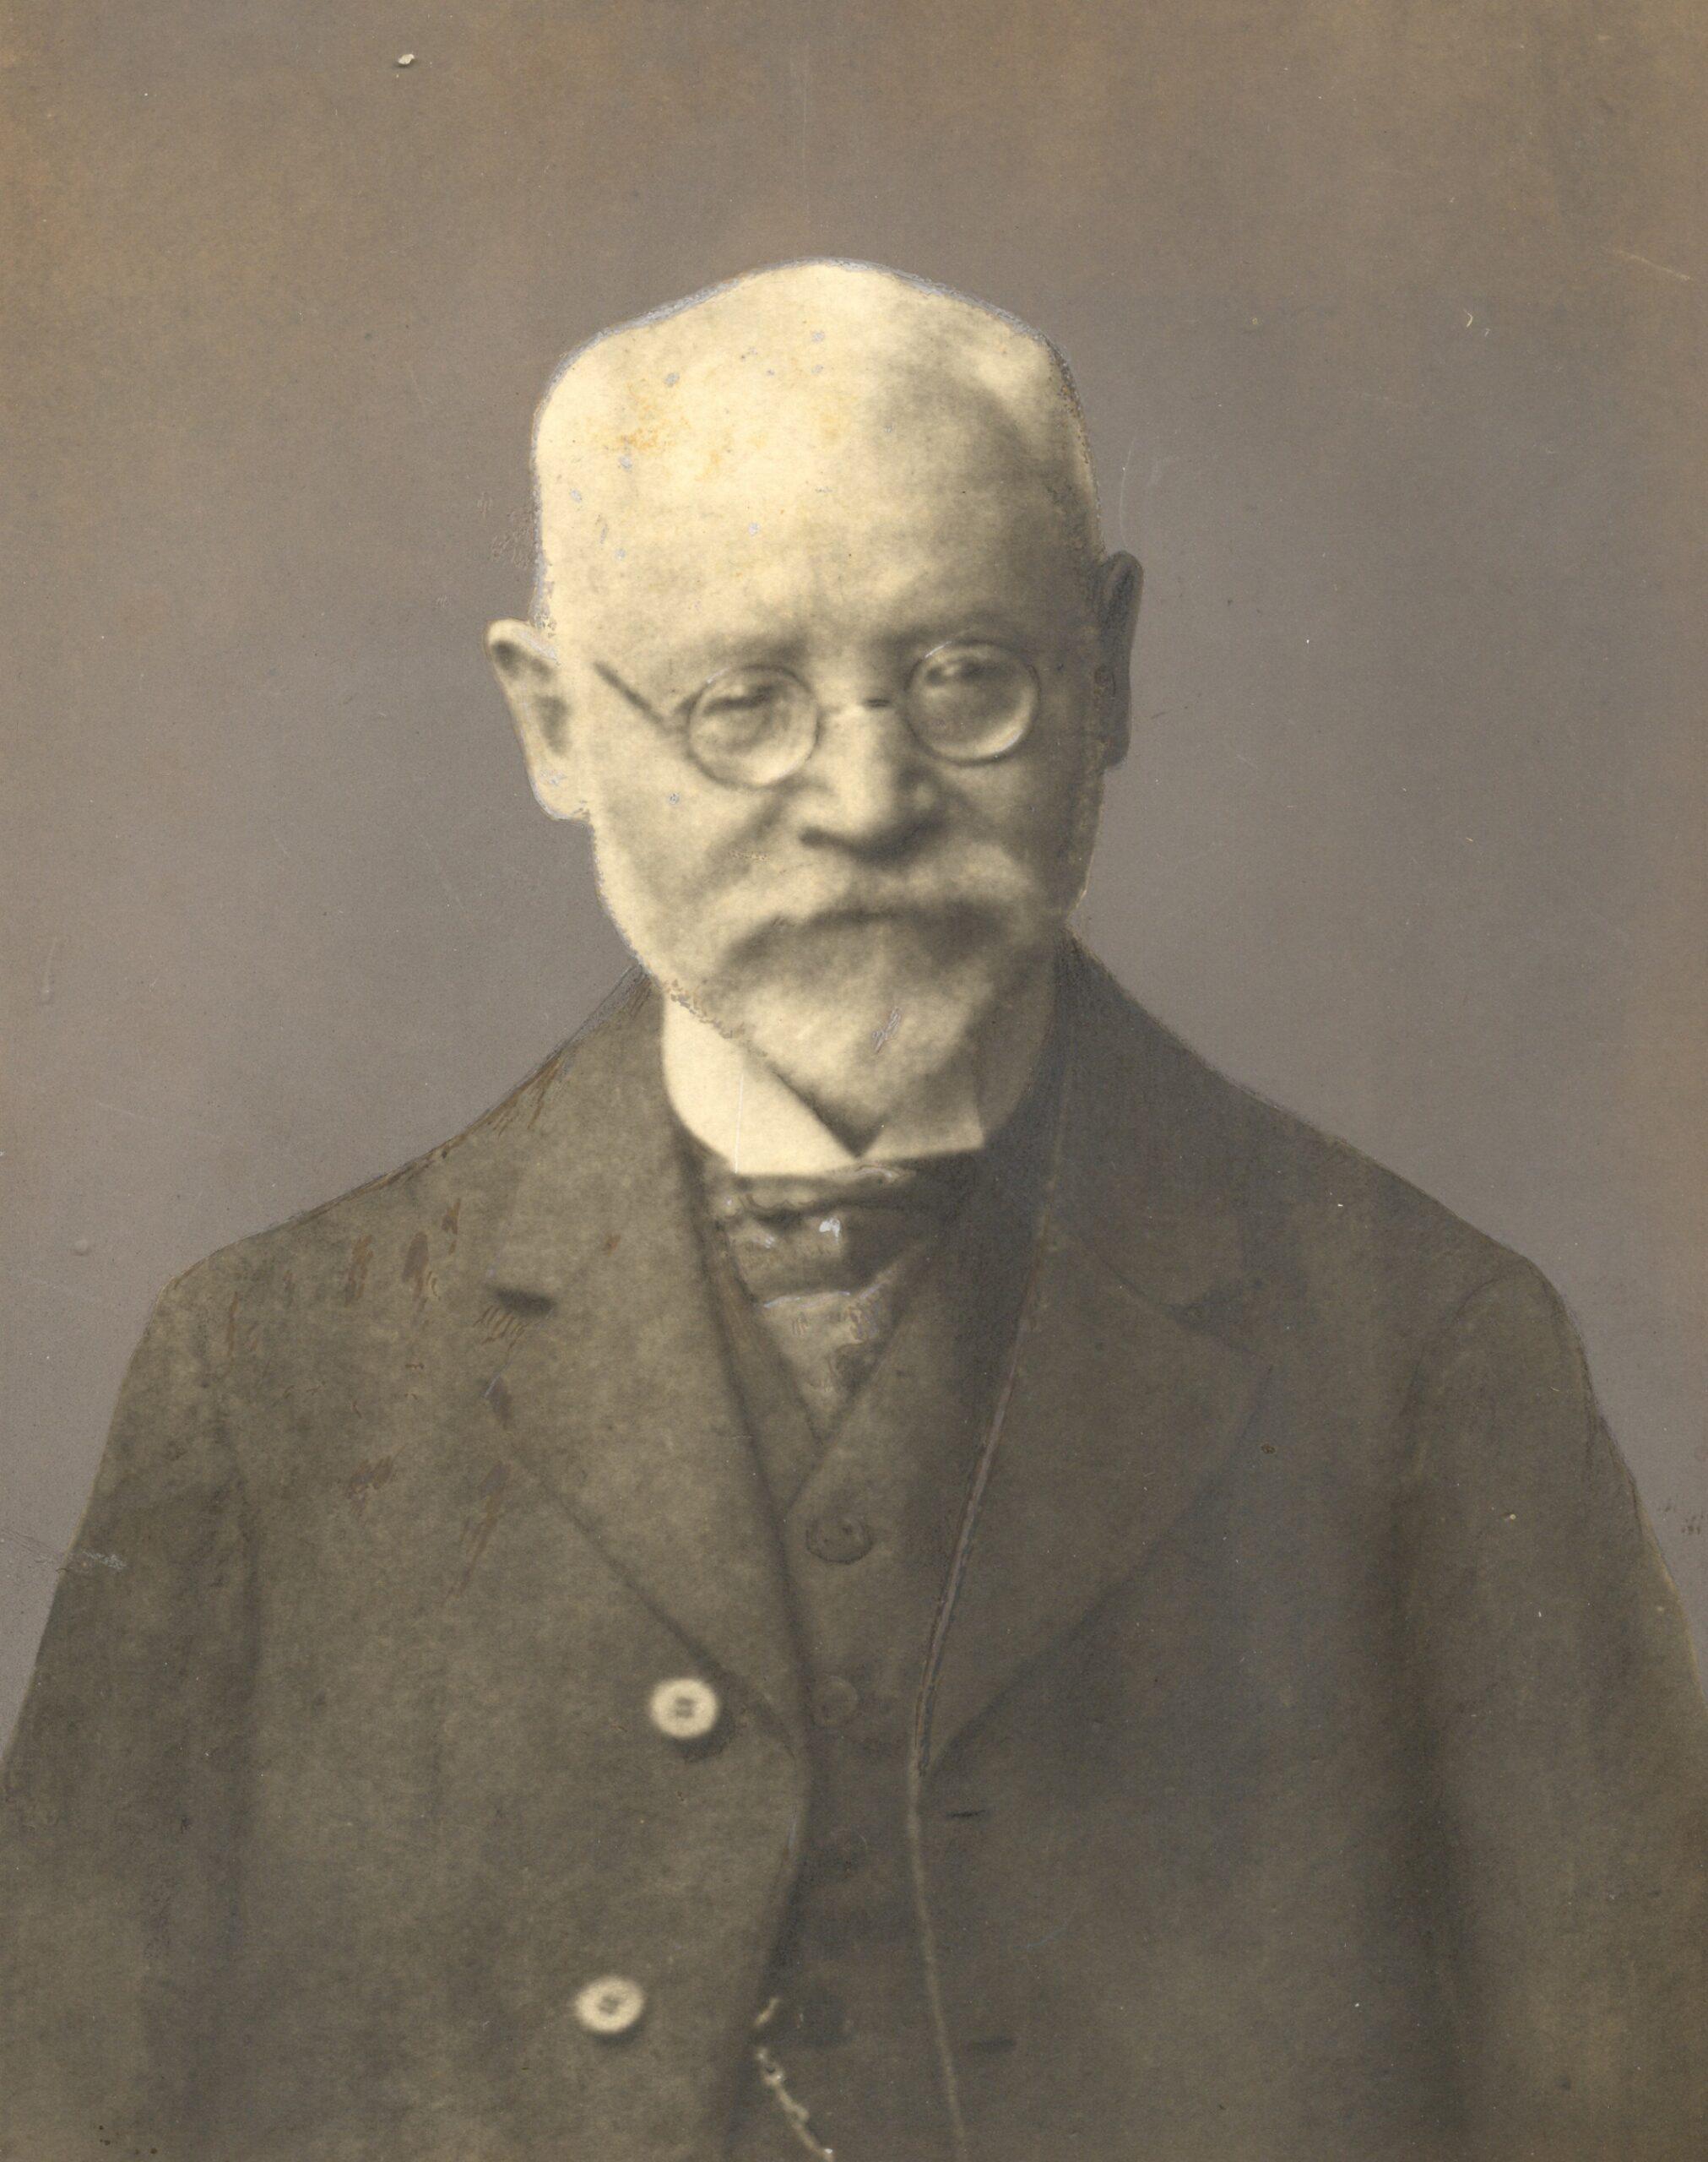 Portraitfoto von Karl Noack, der nach rechts unten blickt, eine Brille auf der Nase